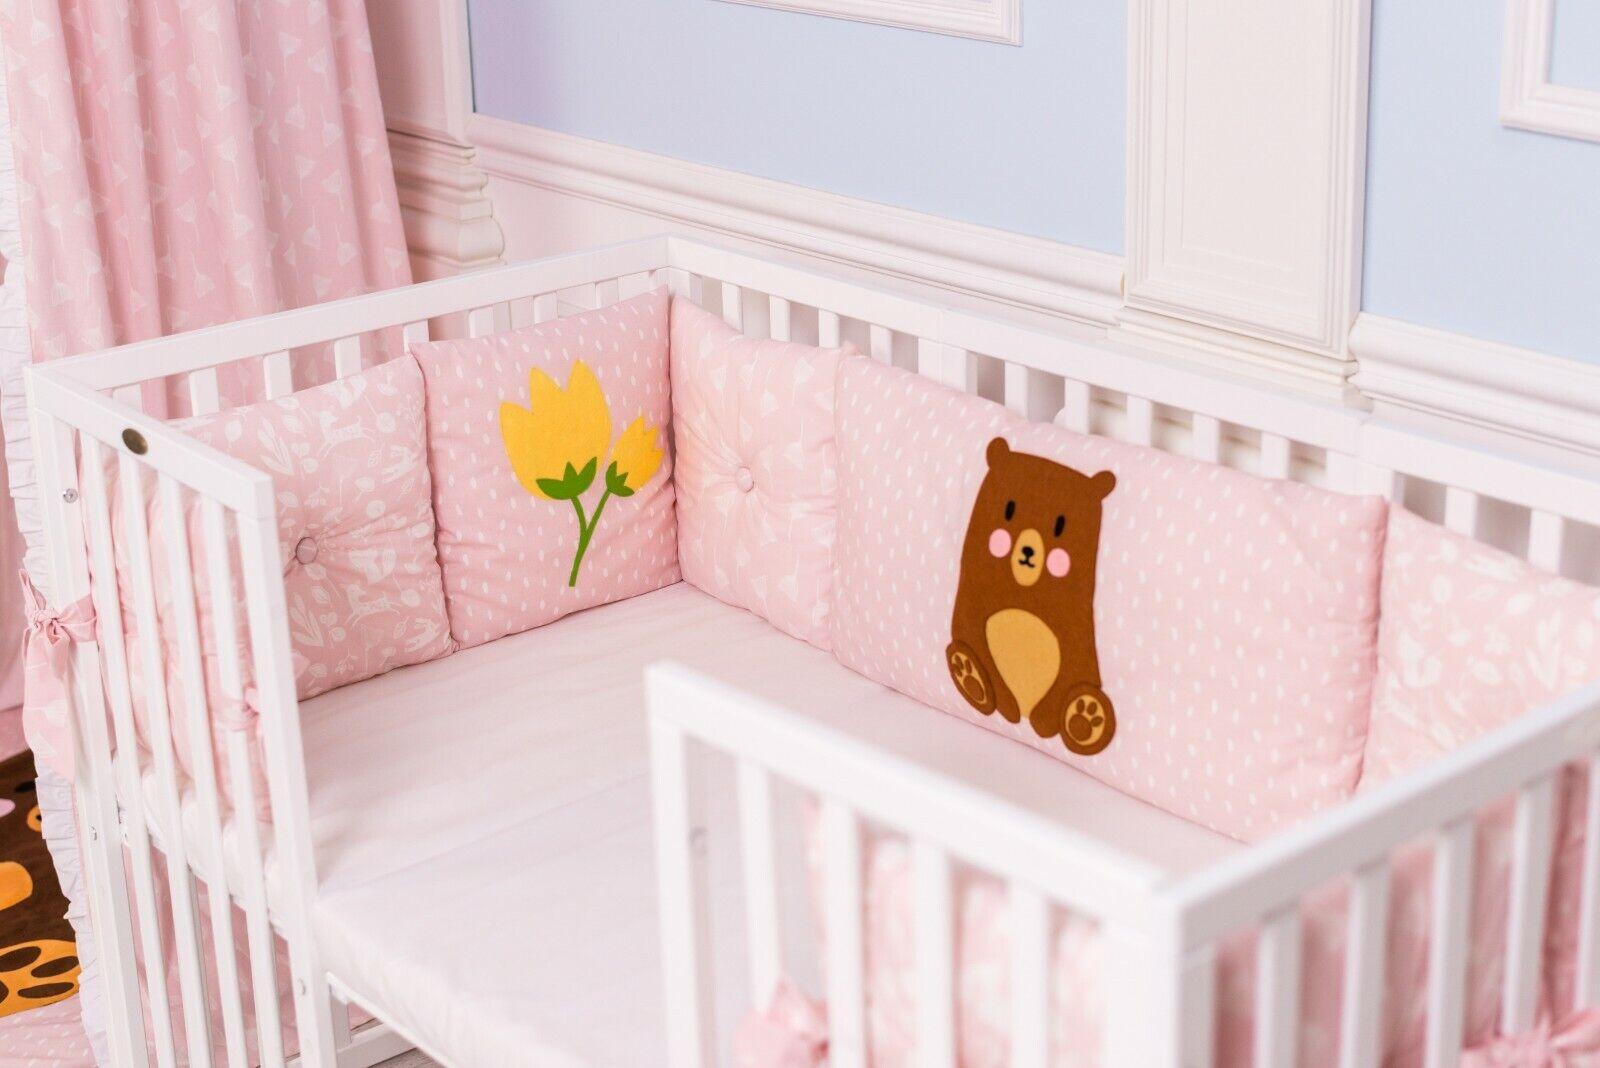 Baby Bettset 11-teilig aus 100% Baumwolle - Bärchen im Frühling - Handarbeit